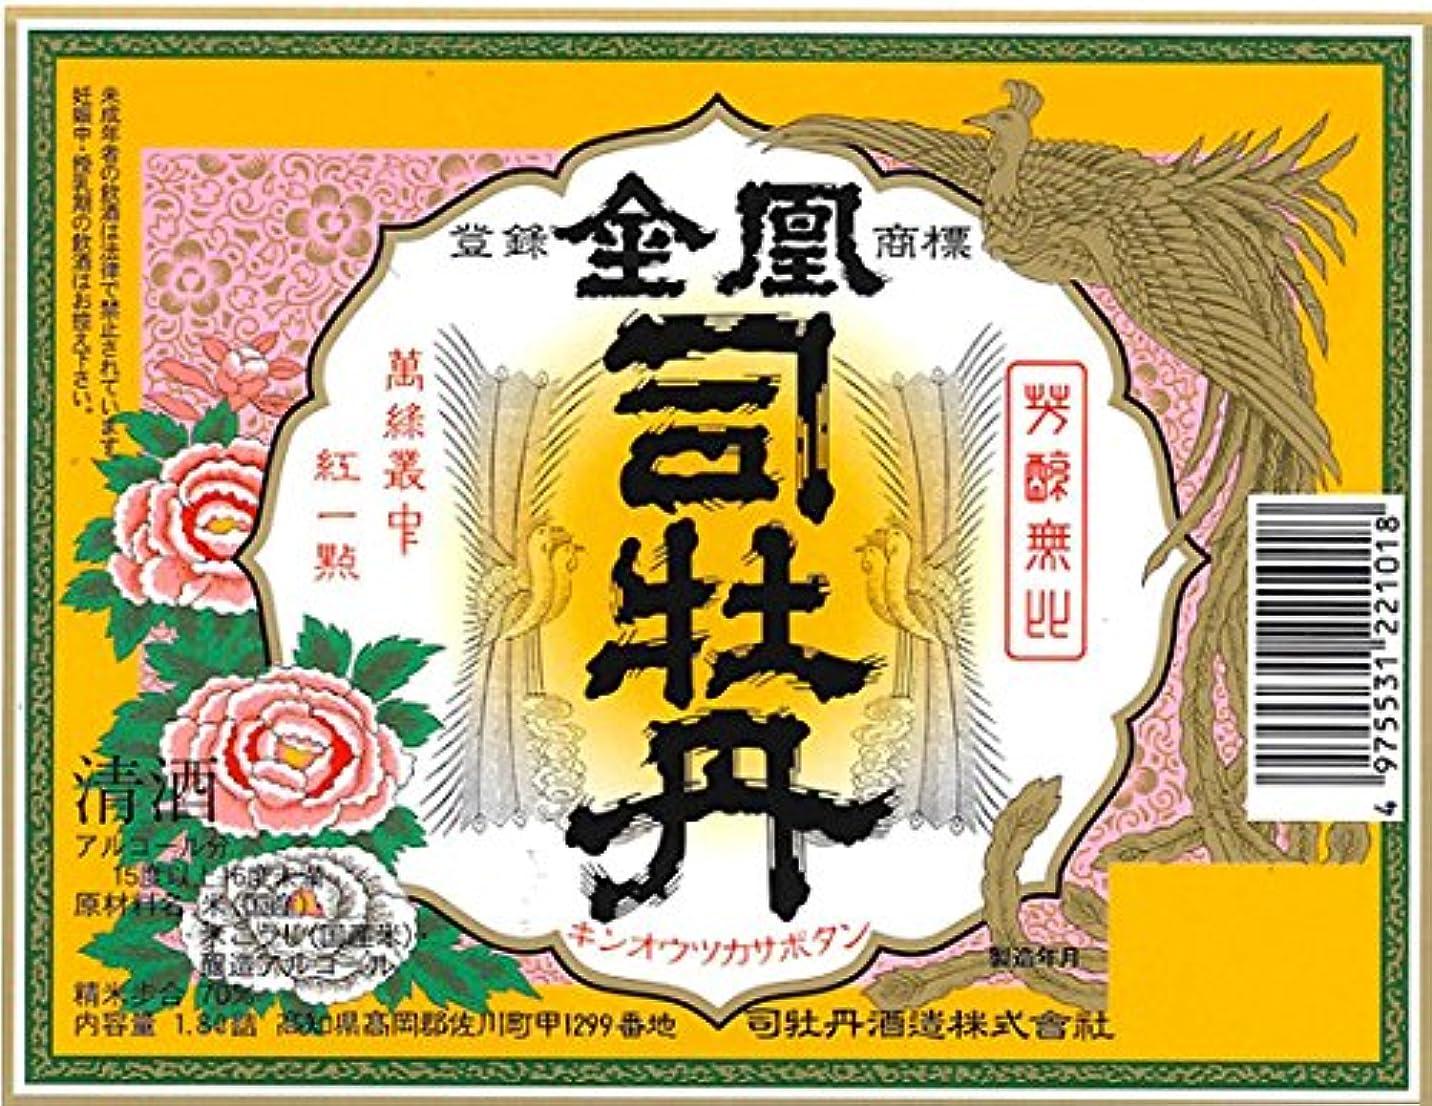 不満見る人成り立つ司牡丹酒造 金凰司牡丹 [ 日本酒 高知県 1800ml ]